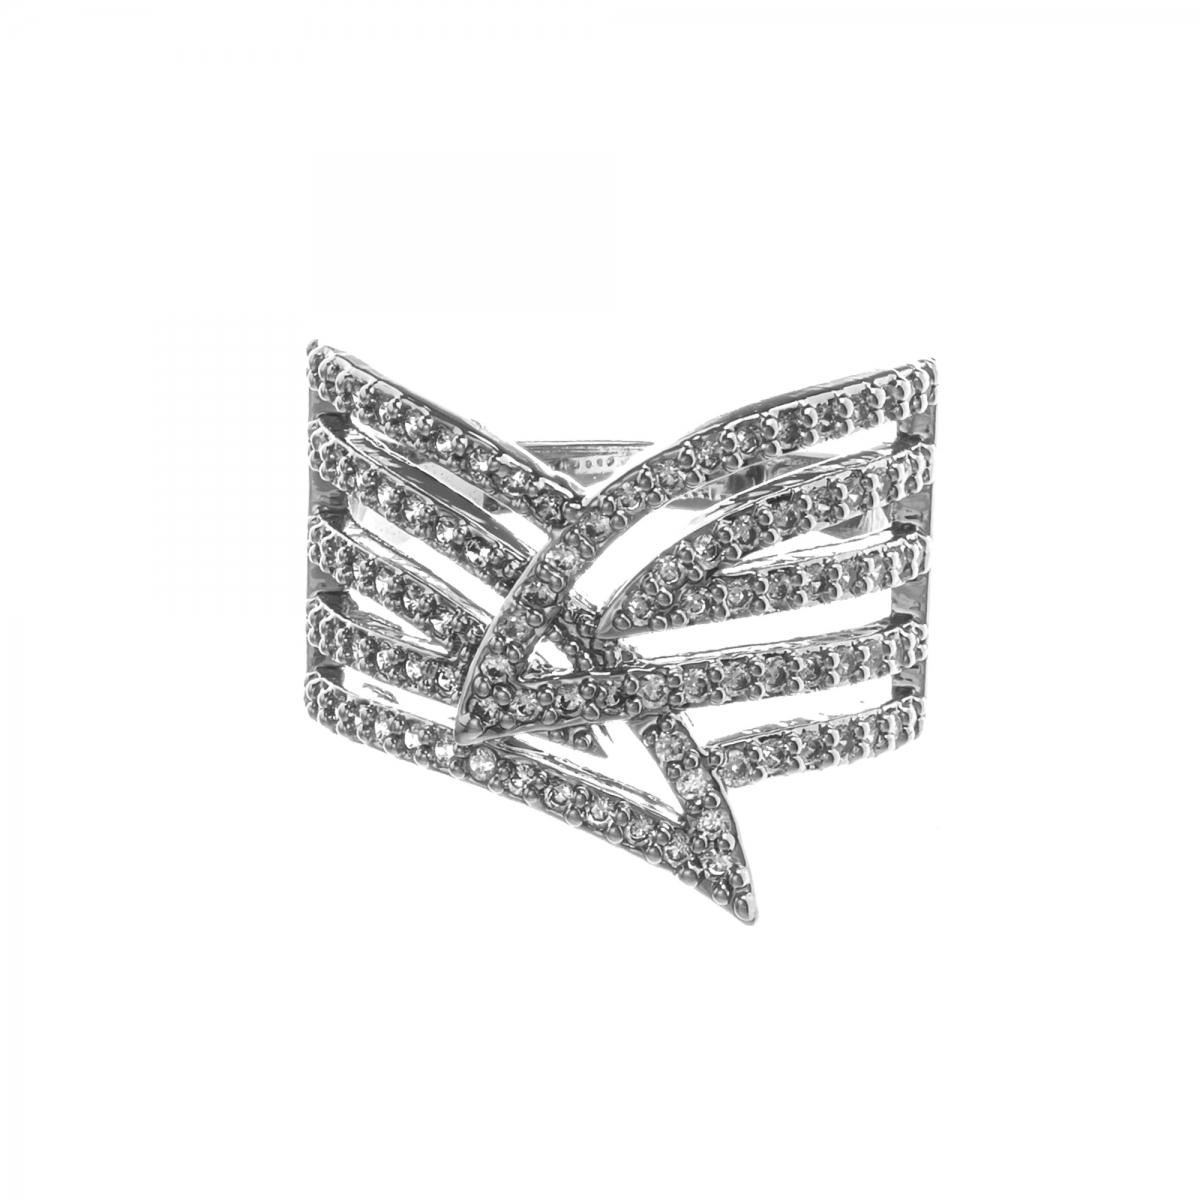 Prsteň Galaxy Silver Zircon